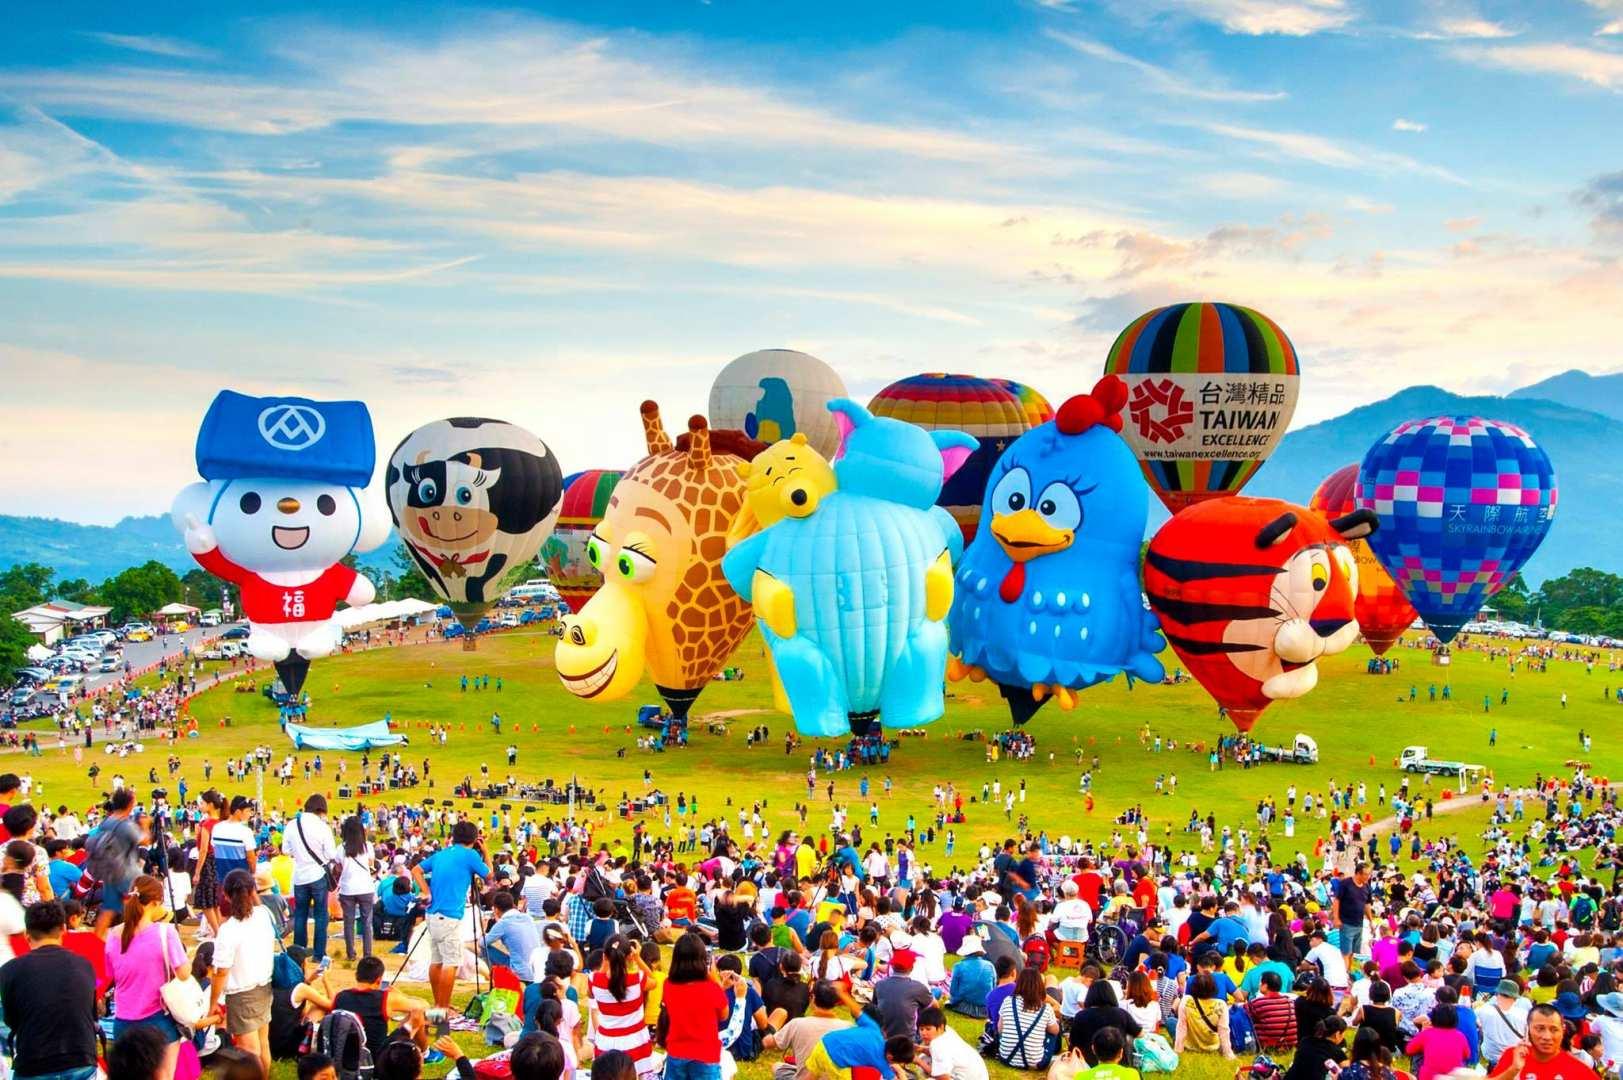 【台東鹿野高台】國際熱氣球嘉年華行程攻略